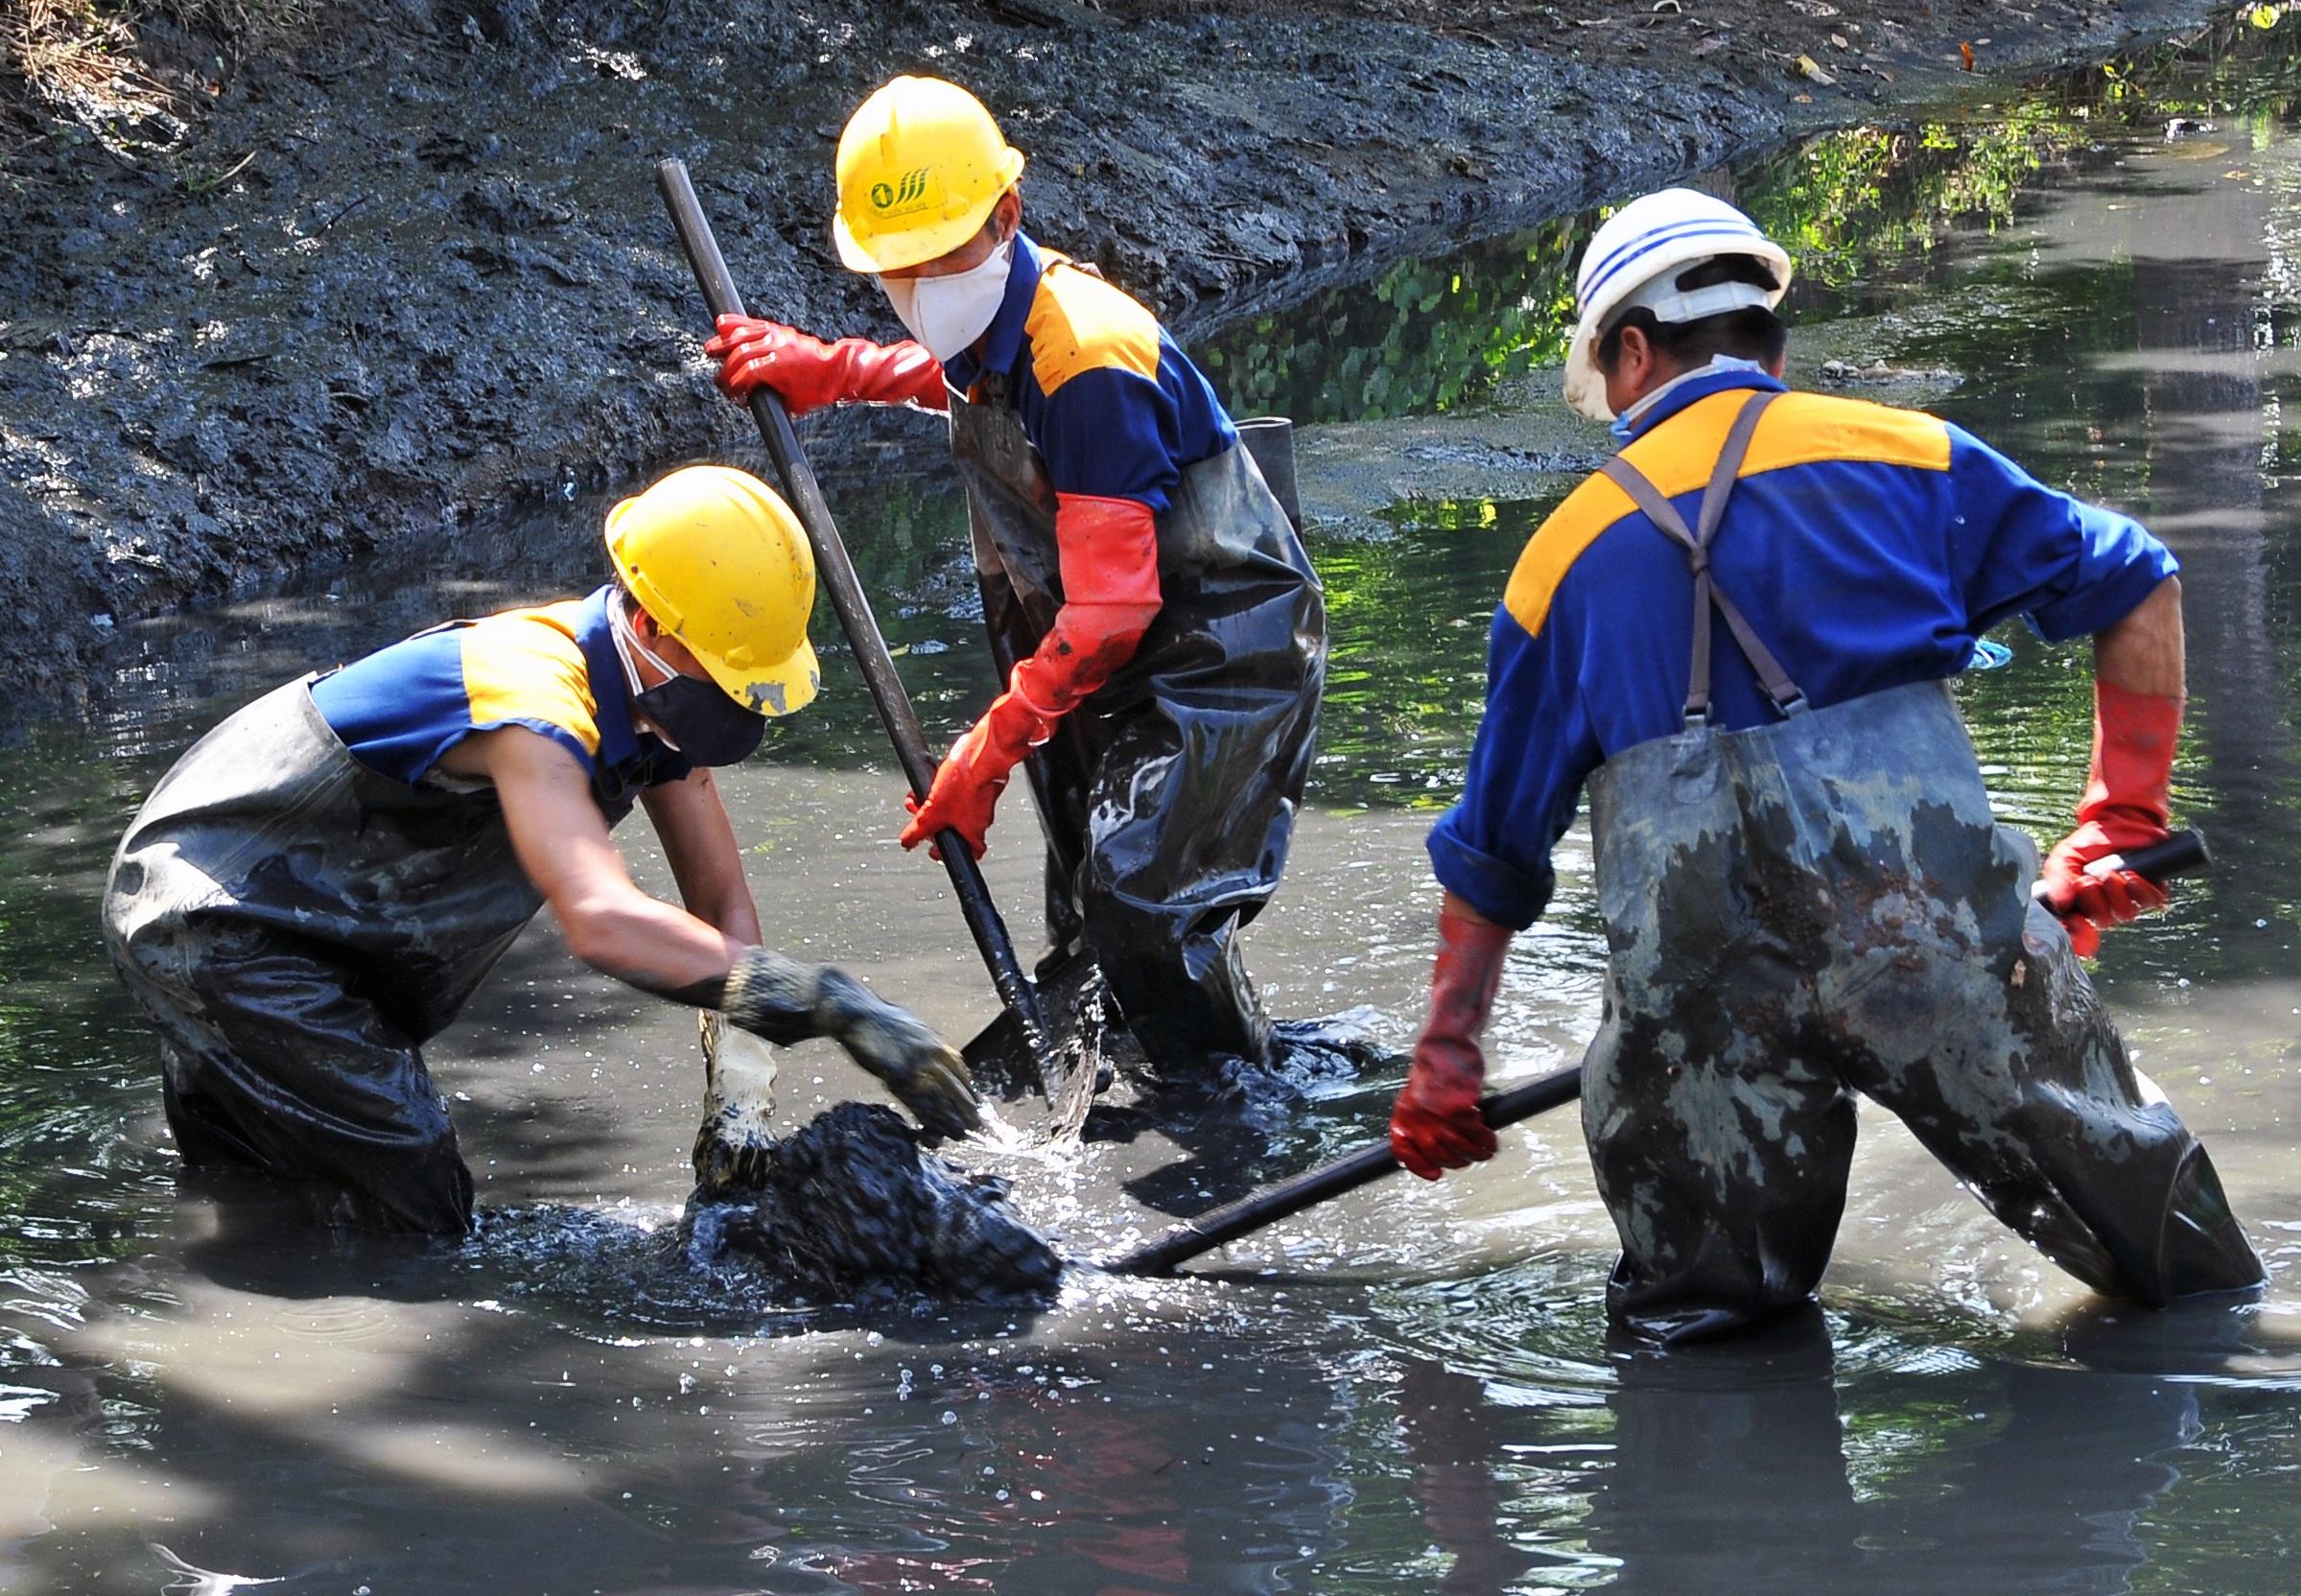 Giải nhất: Nước sạch thoát nước nhanh ở Hà Nội của tác giả Hoàng Như Thính